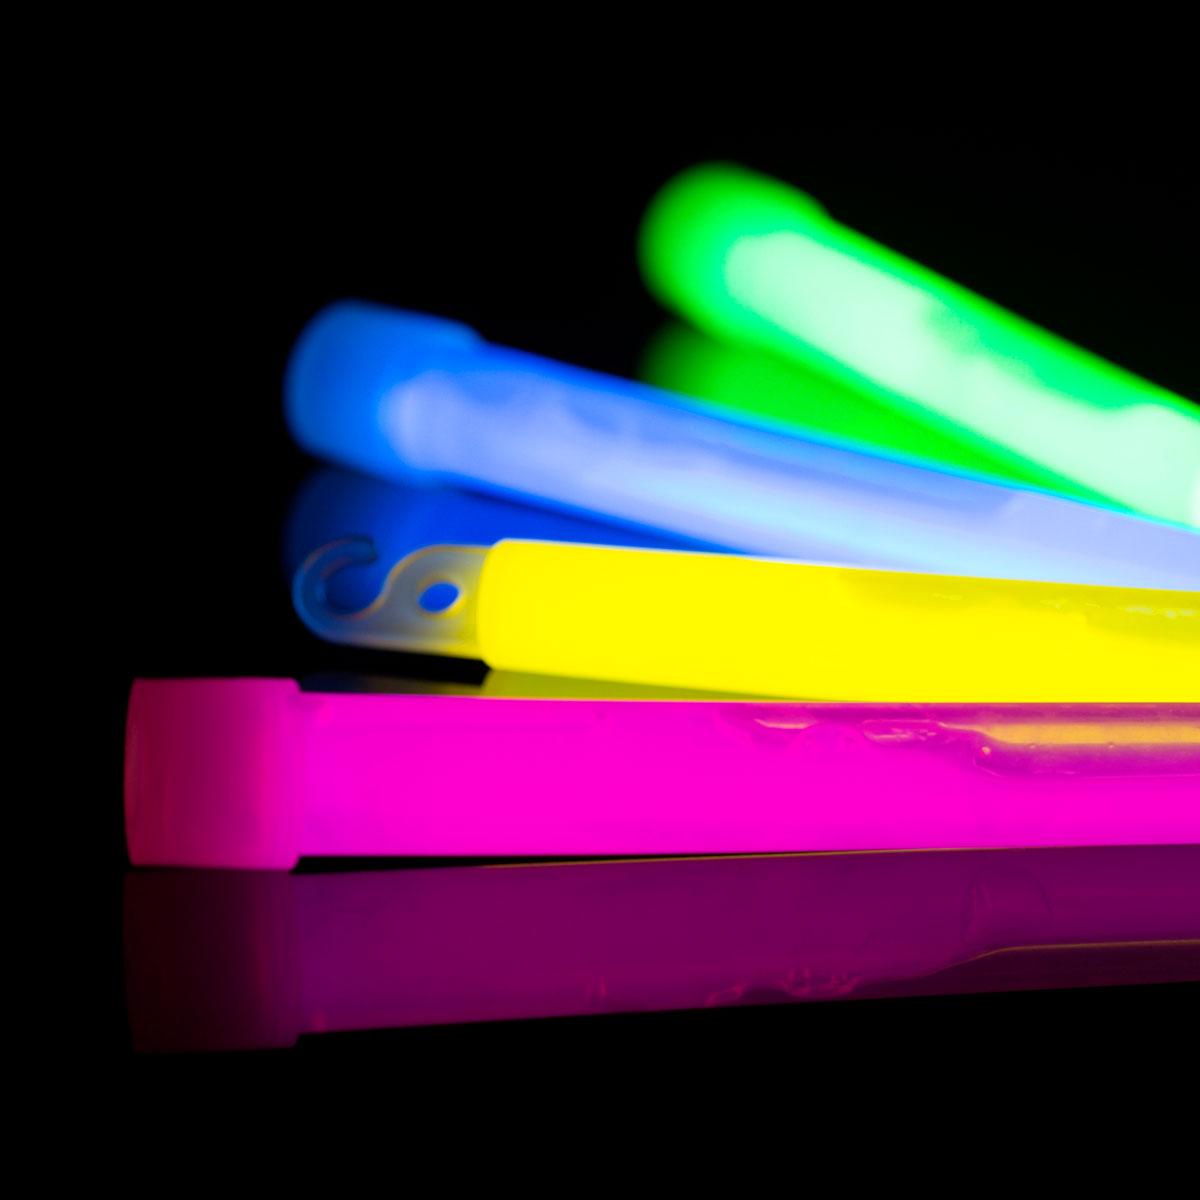 Maxi Power (für die Party) Ca. 8 Stunden Leuchtdauer (150x15mm)